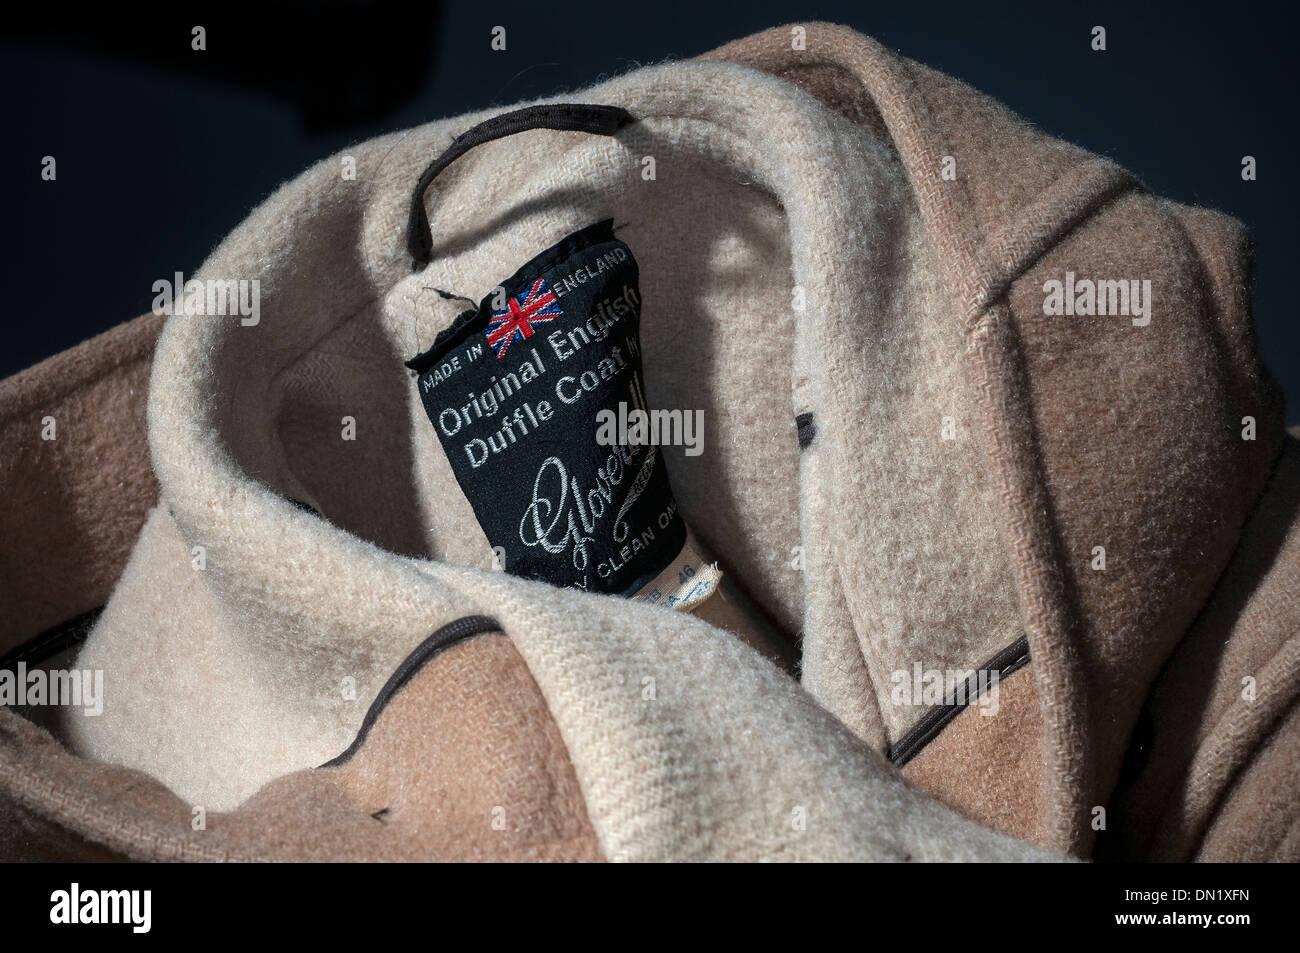 Gloverall,gloverall duffle coat Imagen De Stock